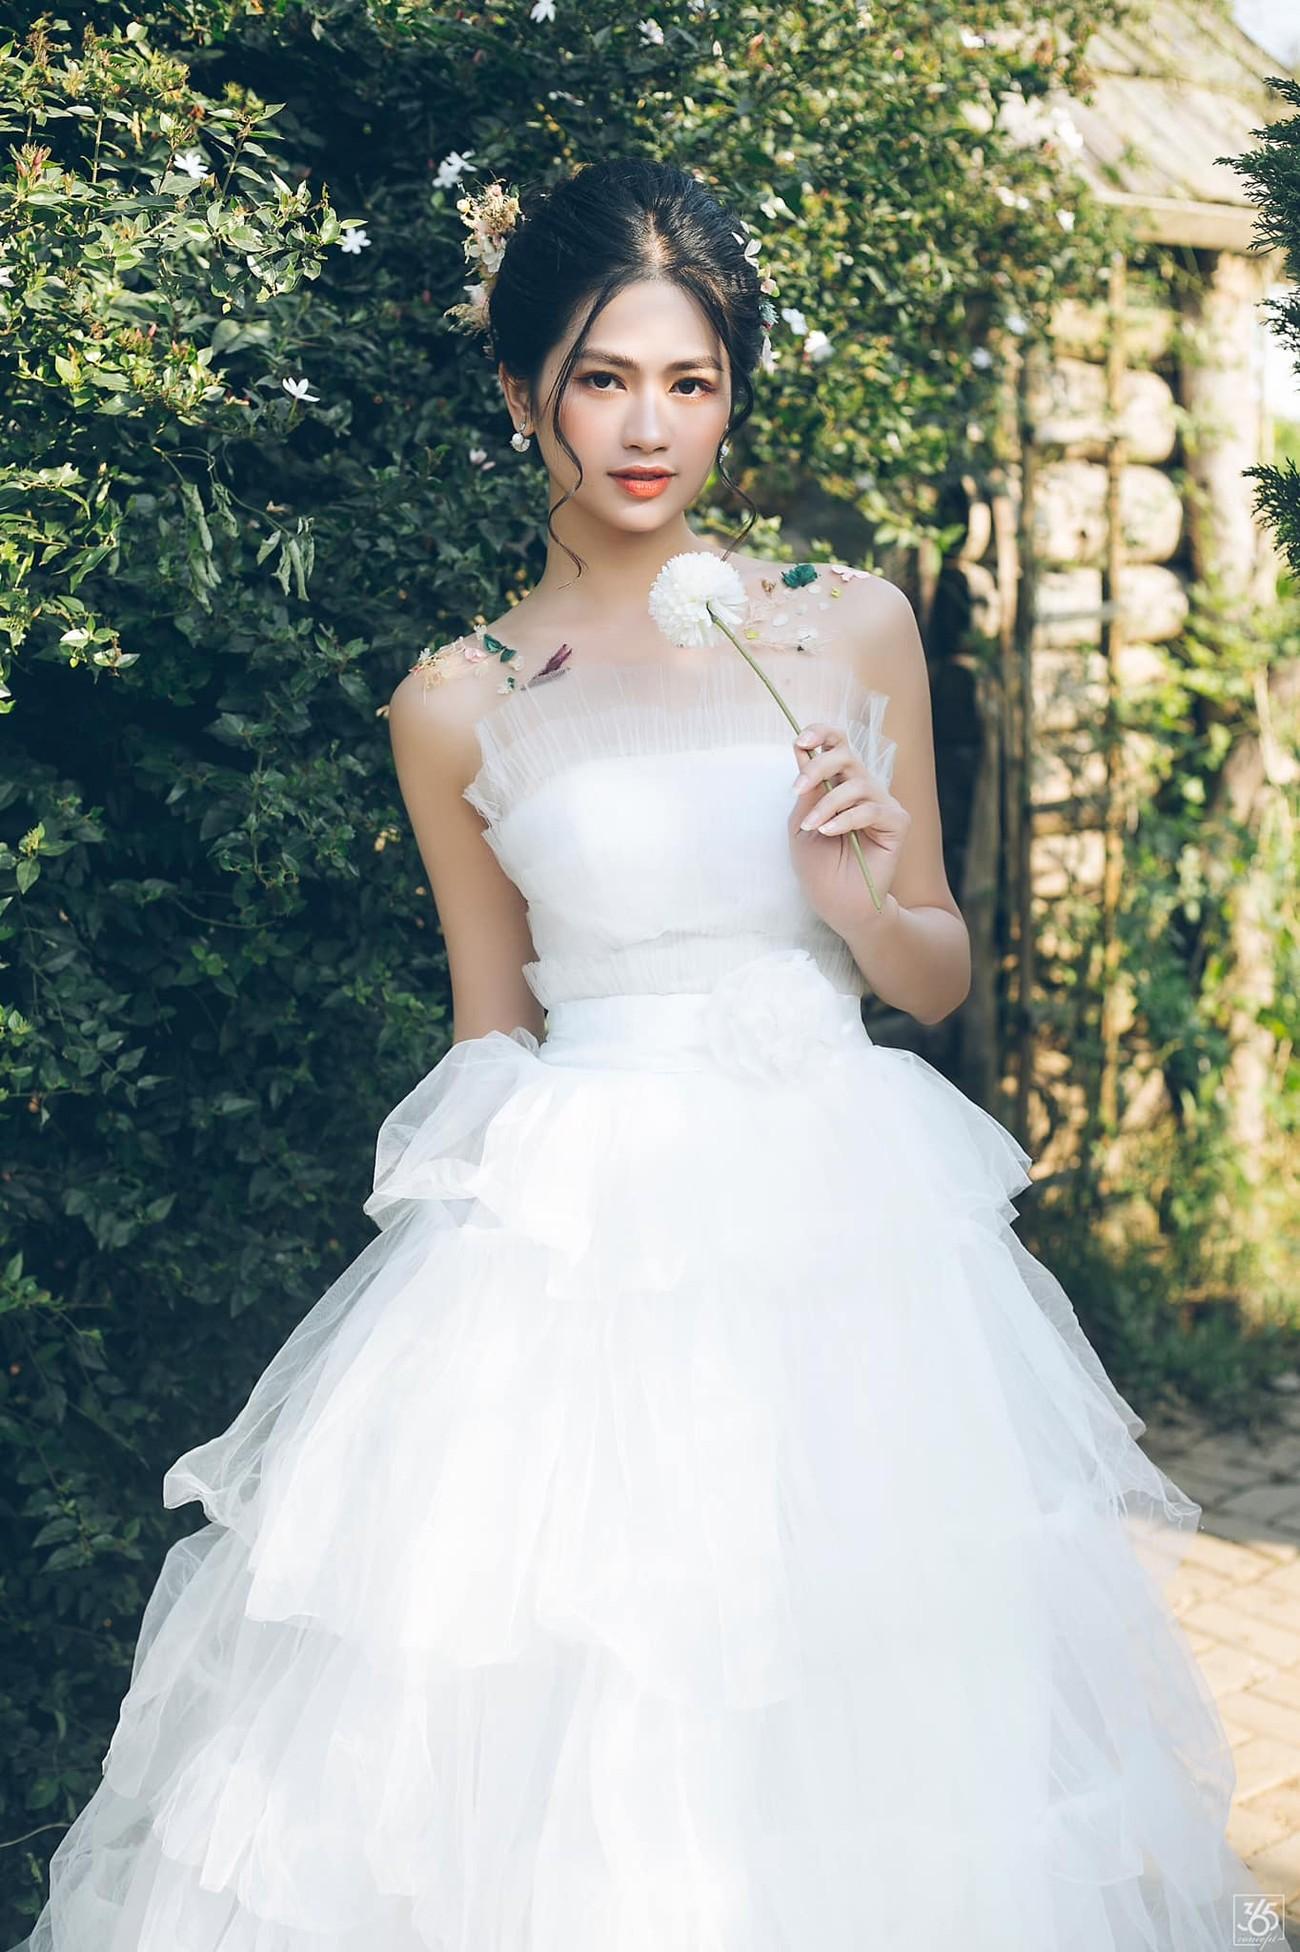 Người đẹp Cẩm Đan kiêu kỳ, Minh Anh xinh đẹp tựa nữ thần ảnh 6